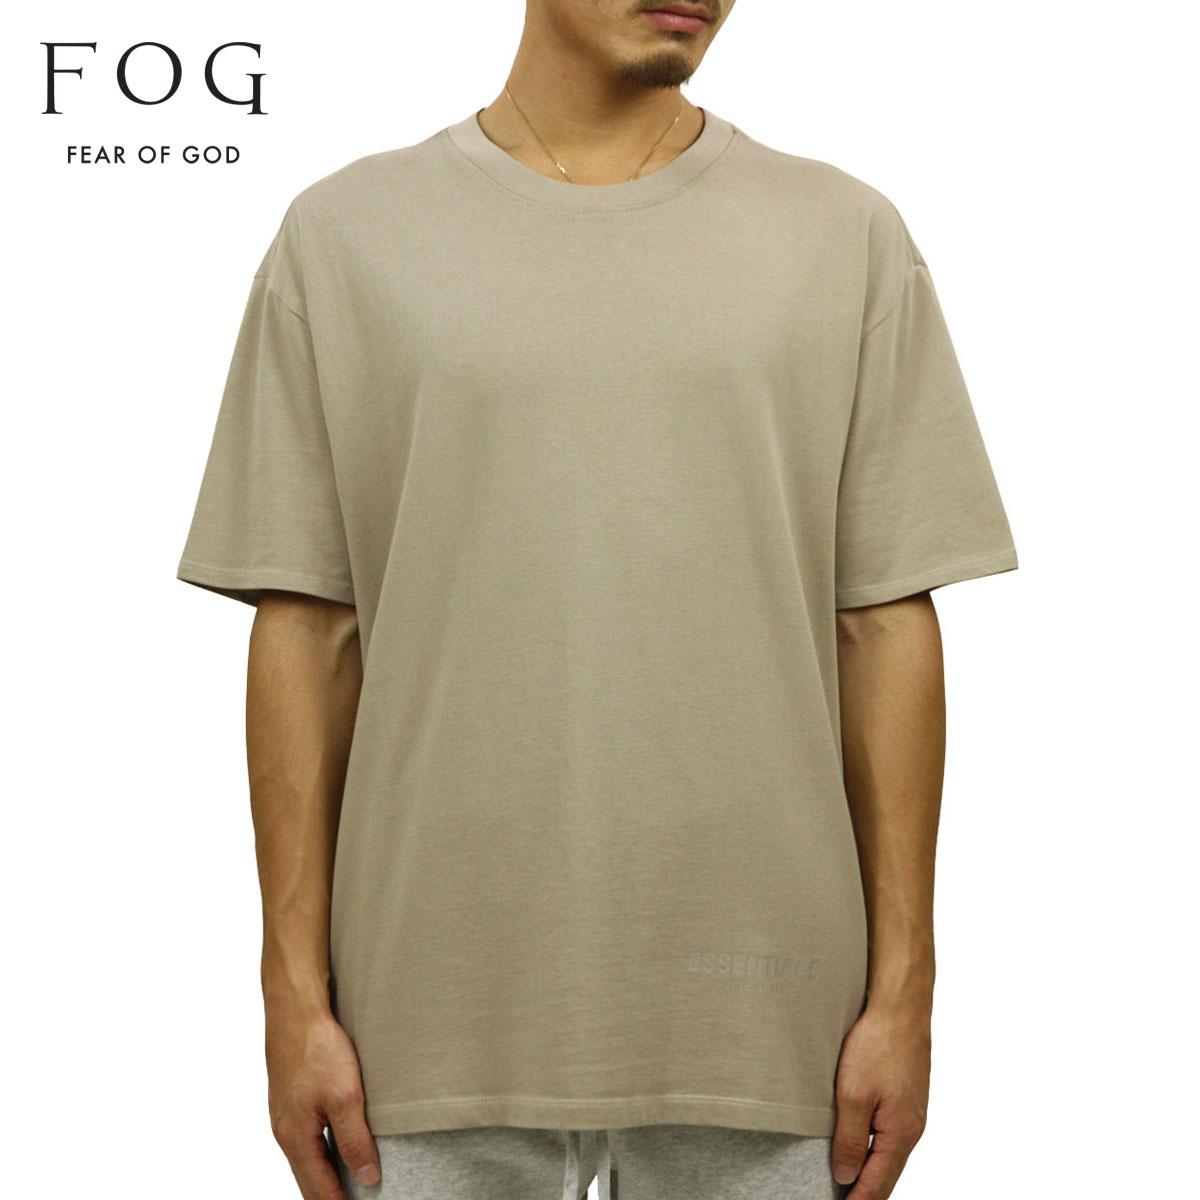 フィアオブゴッド Tシャツ 正規品 FEAR OF GOD 半袖Tシャツ クルーネック FOG - FEAR OF GOD ESSENTIALS BOXY T-SHIRT TAN